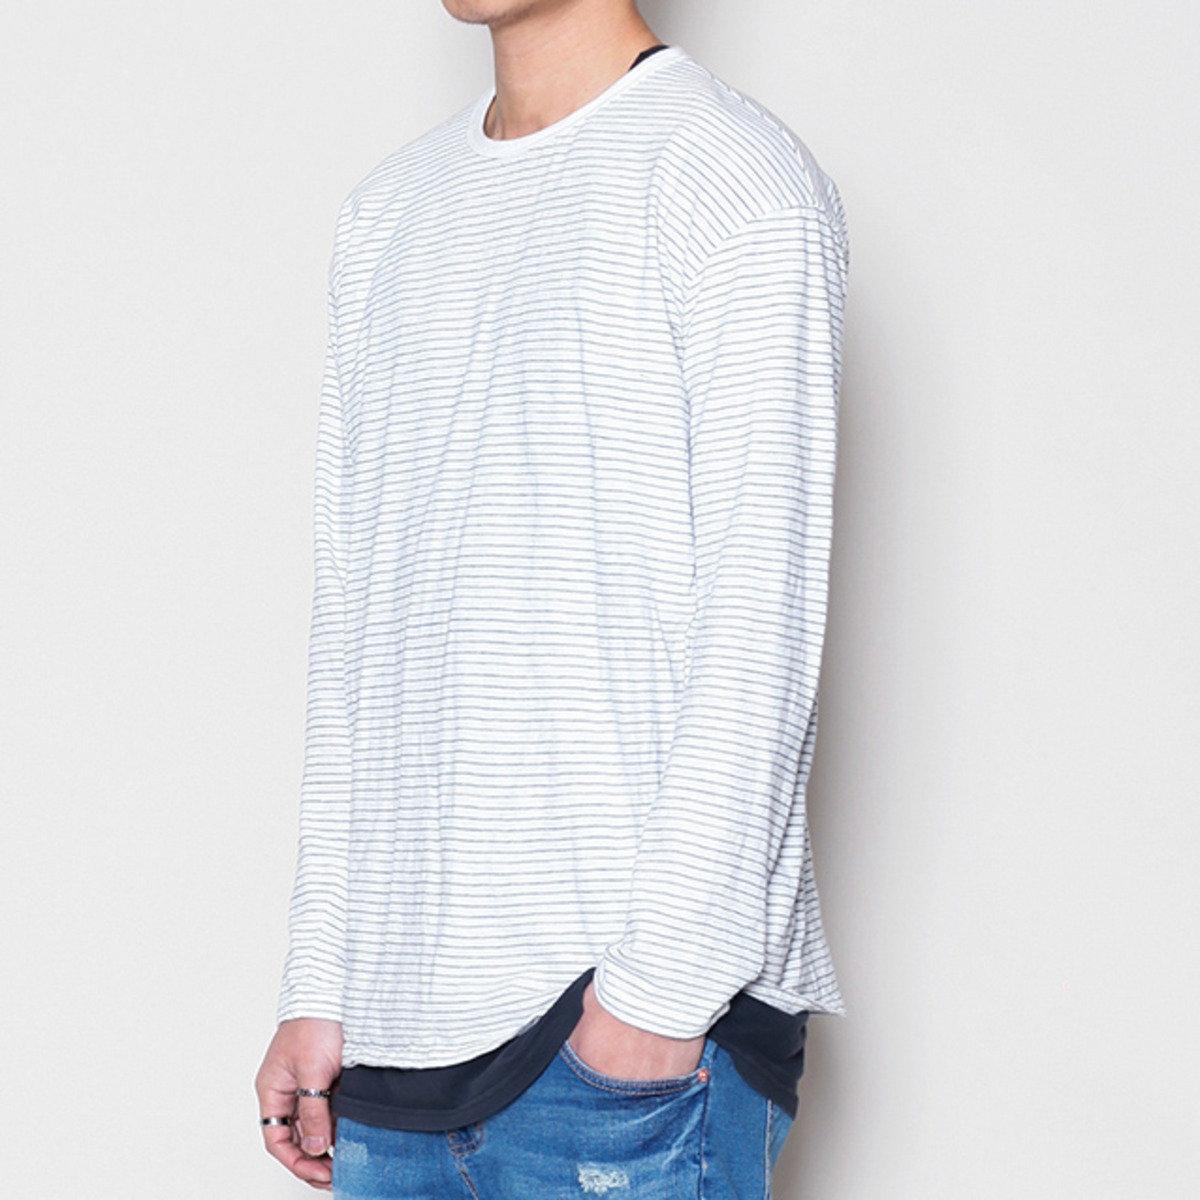 橫條紋圓領T恤_13528